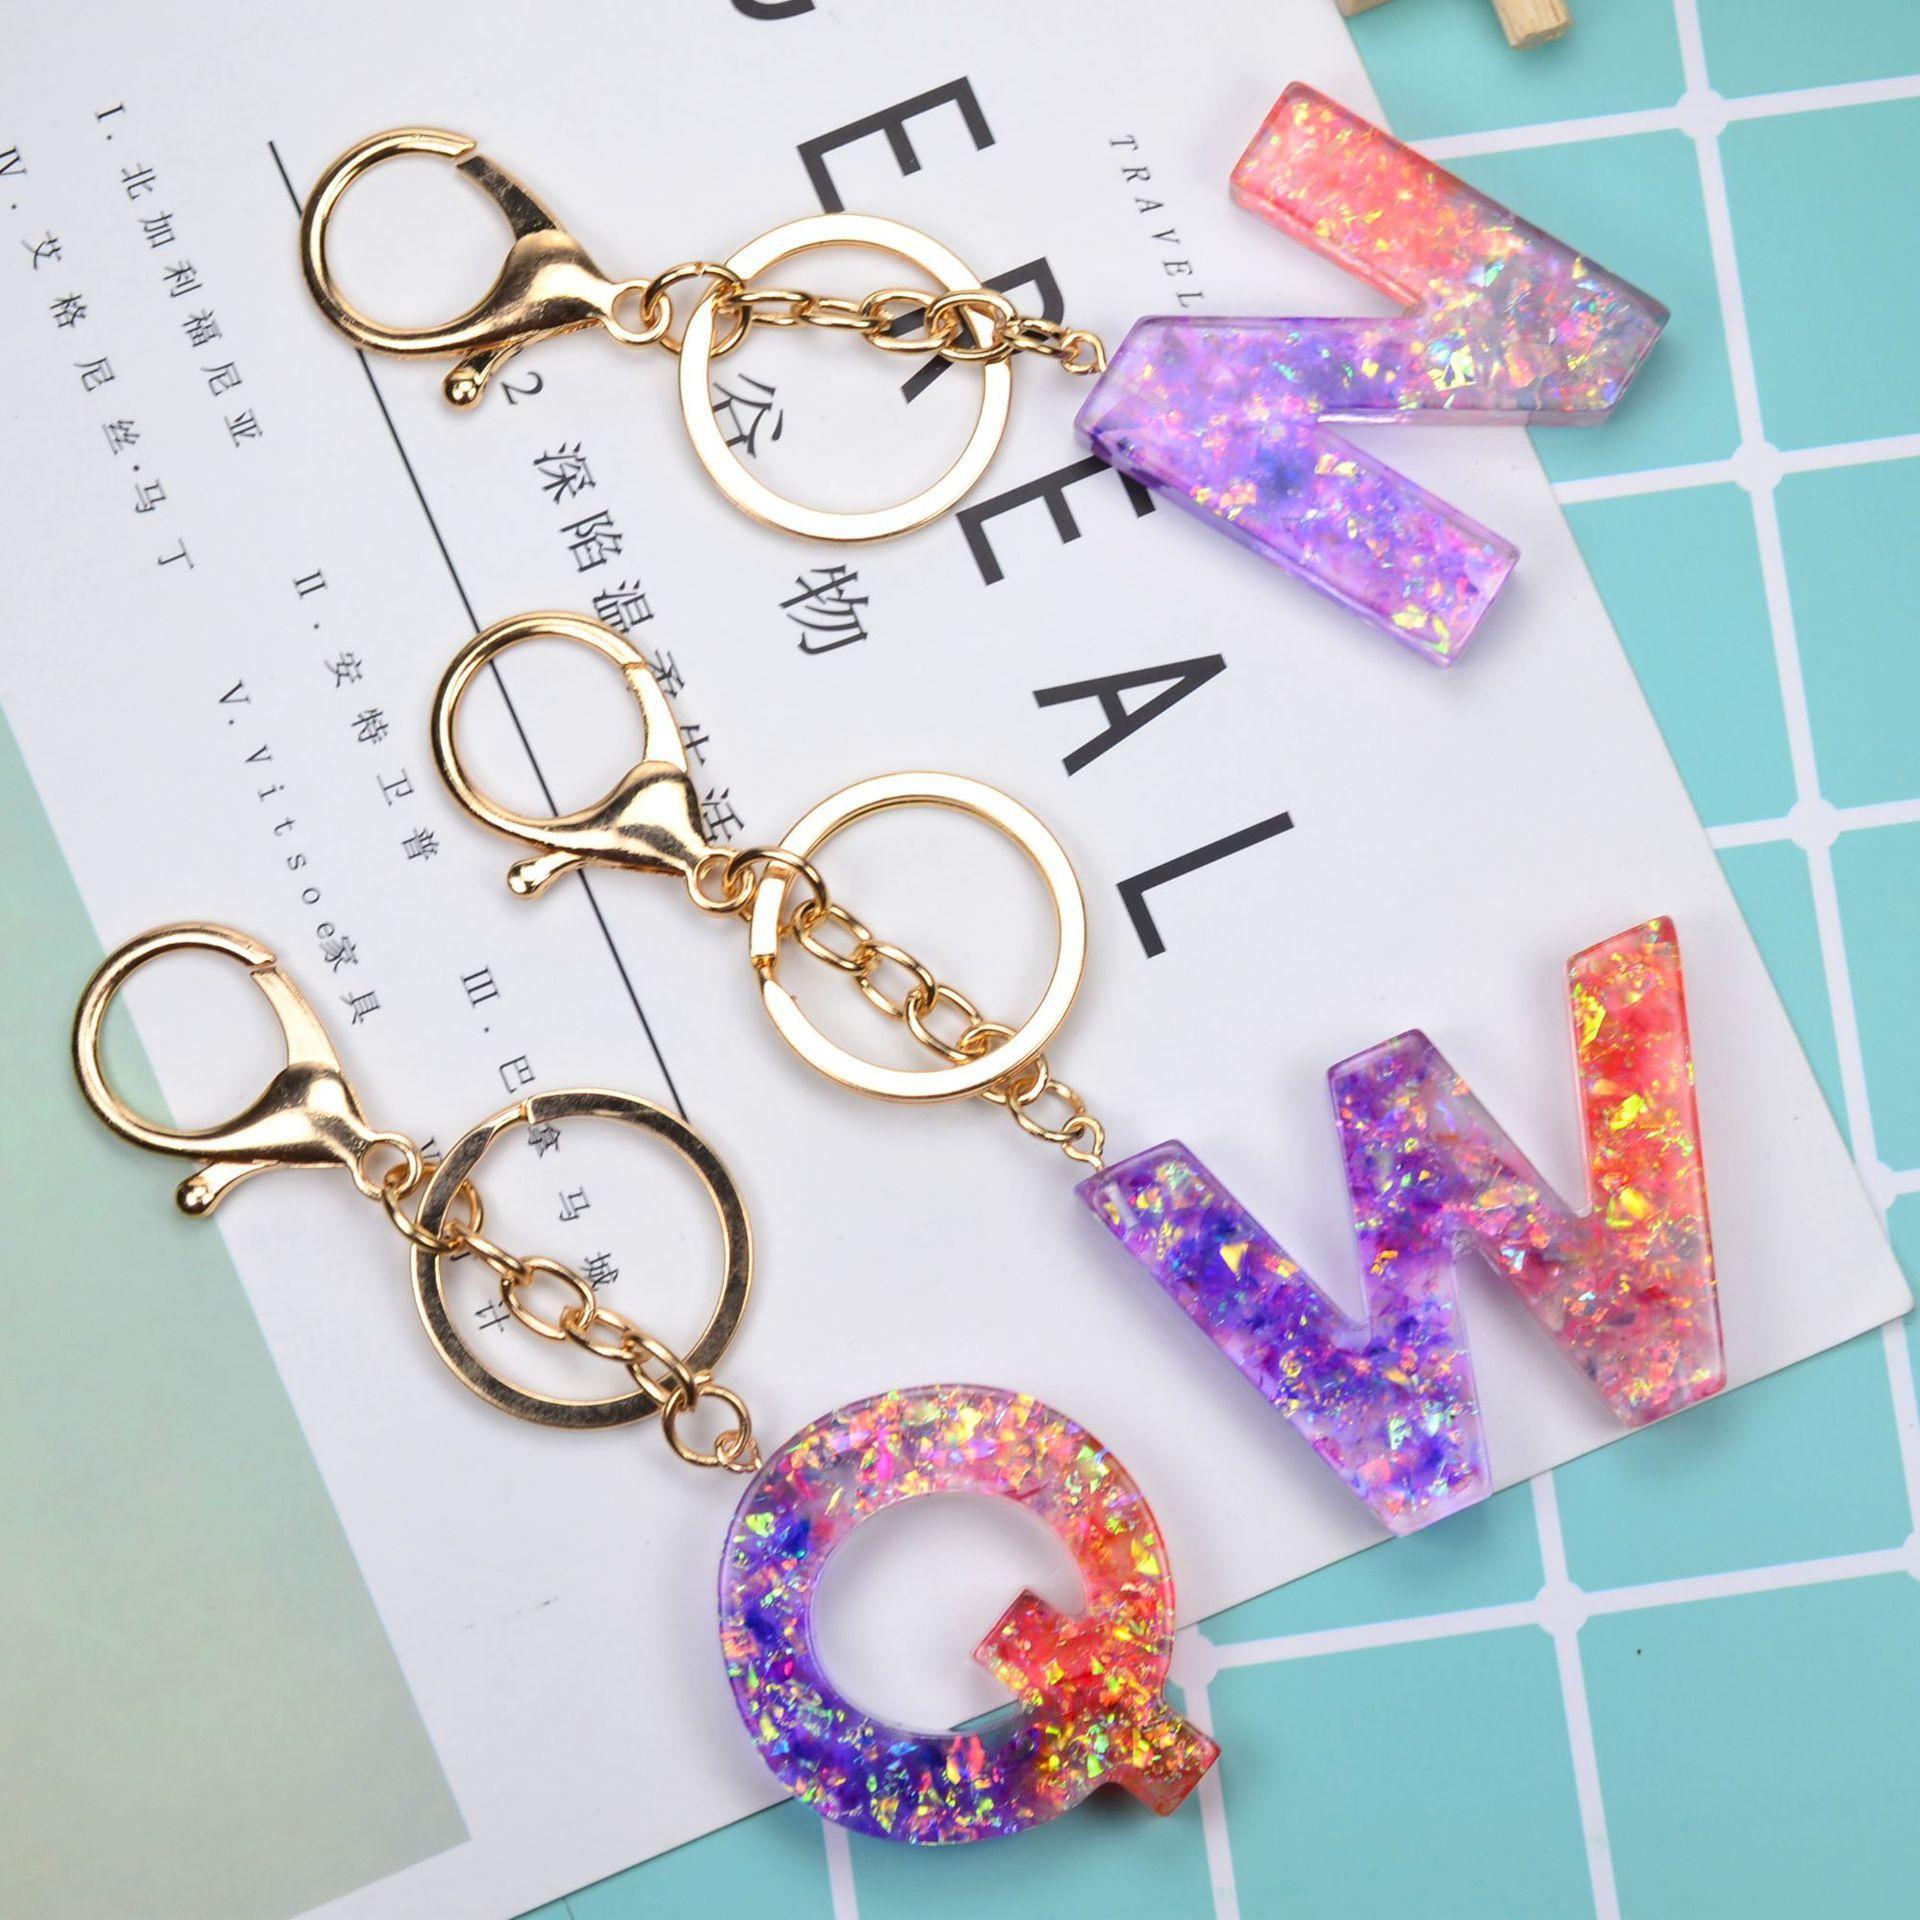 26 편지 아크릴 키 체인 A와 Z 열쇠 고리 열쇠 고리 창조적 인 사랑스러운 럭셔리 열쇠 고리는 가방 반짝이 펜던트 키 홀더 E92101 매달려 반짝이